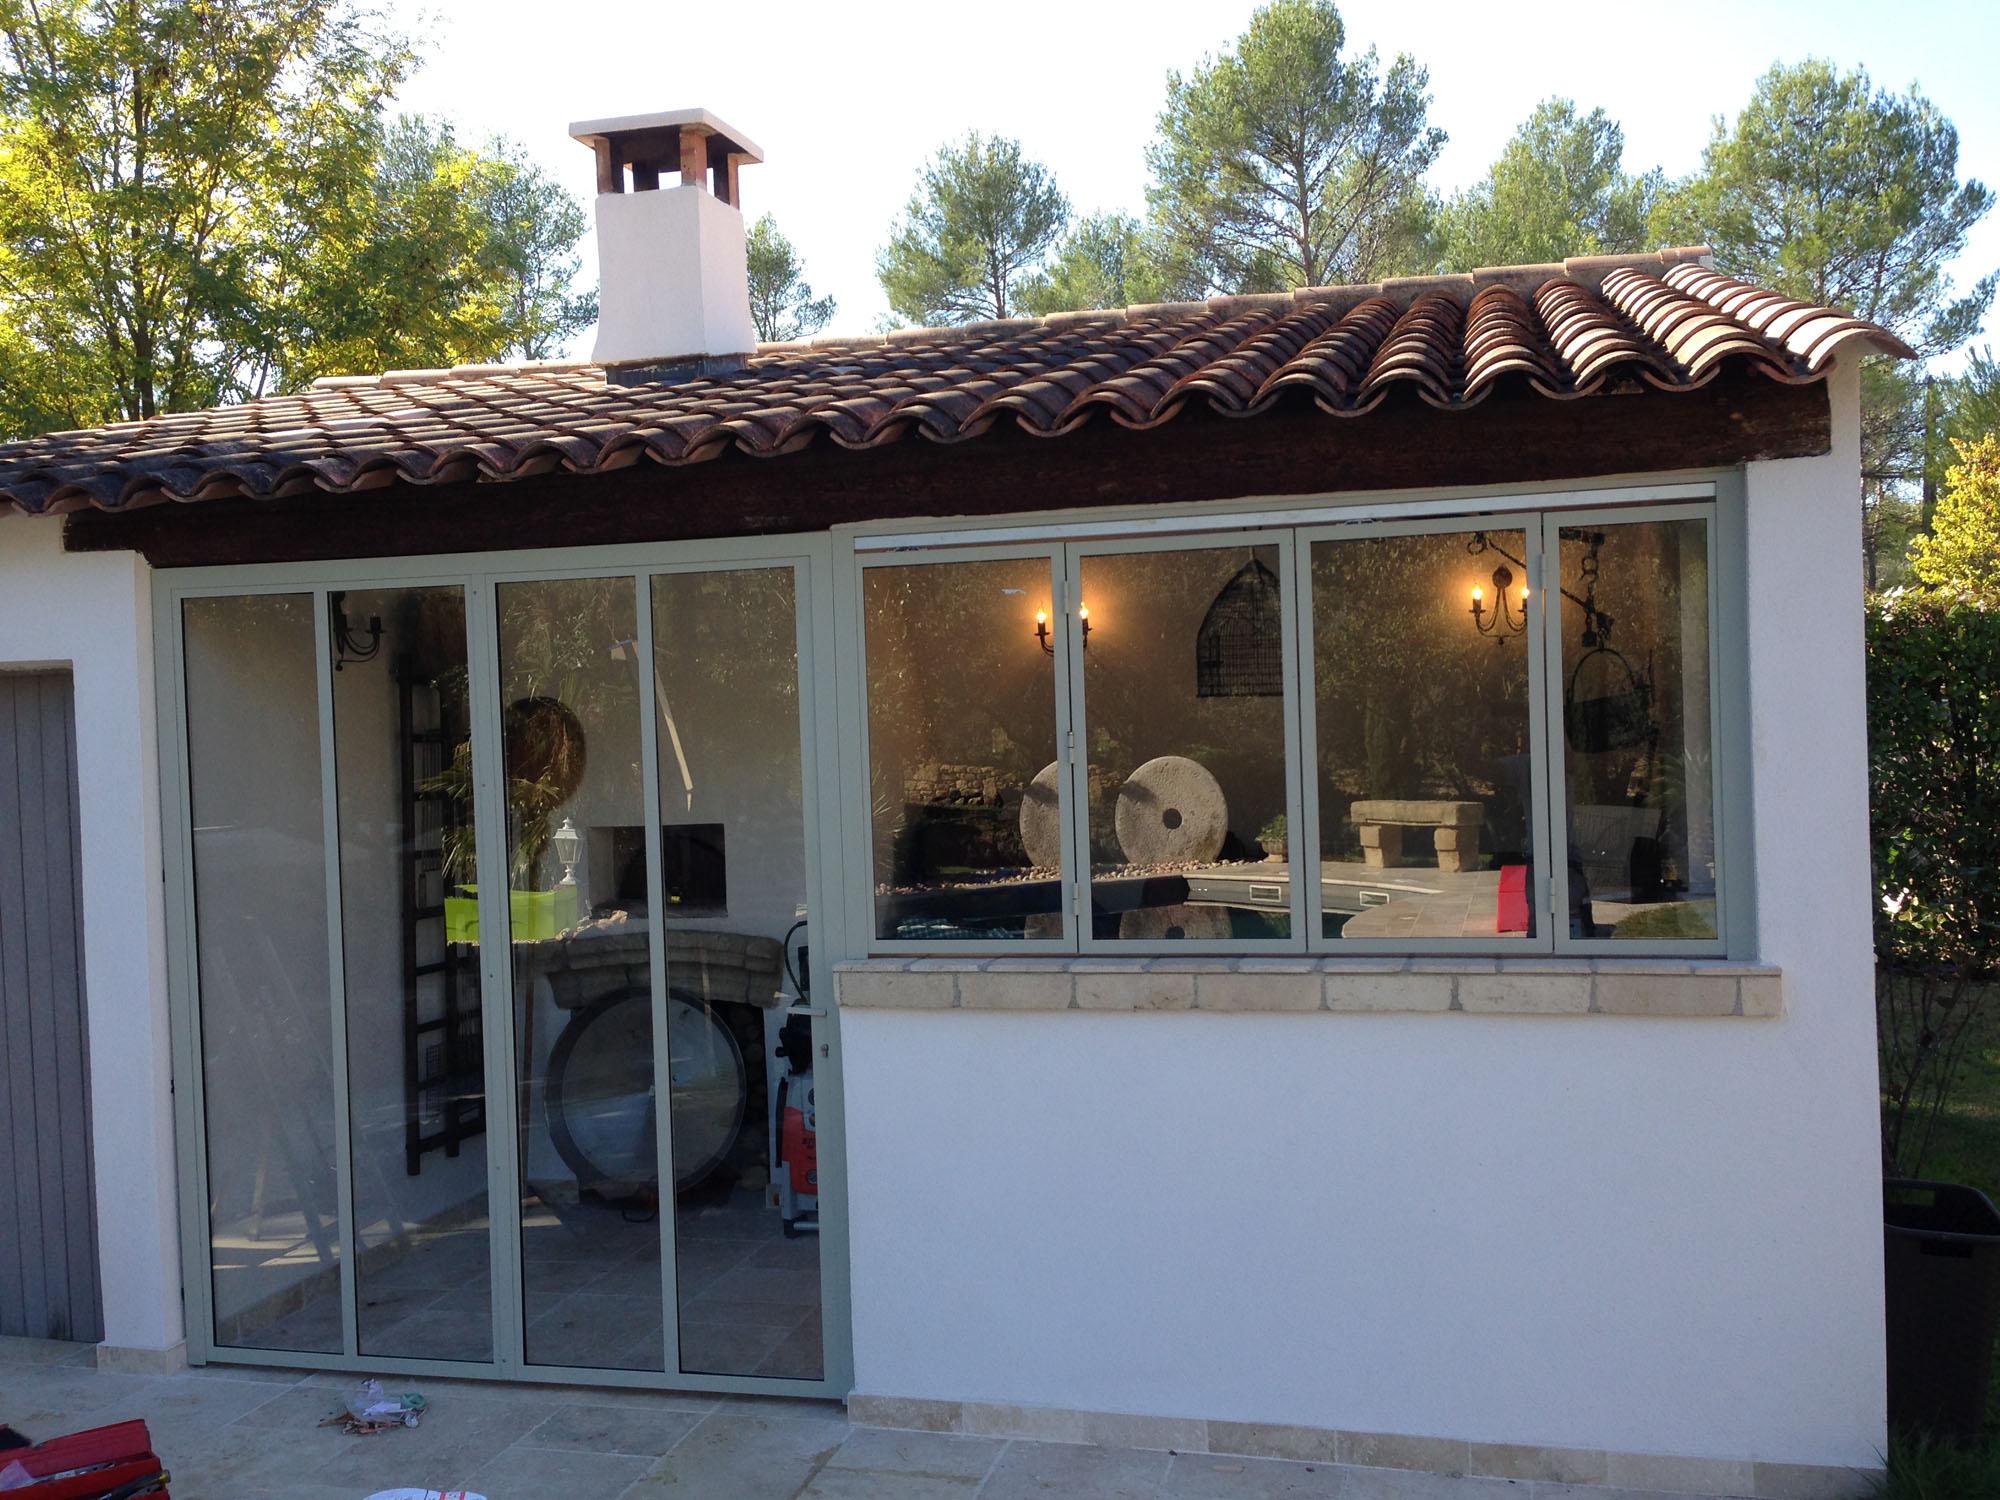 cloison exterieur non isol fabrication cloison m tallique vitr e. Black Bedroom Furniture Sets. Home Design Ideas